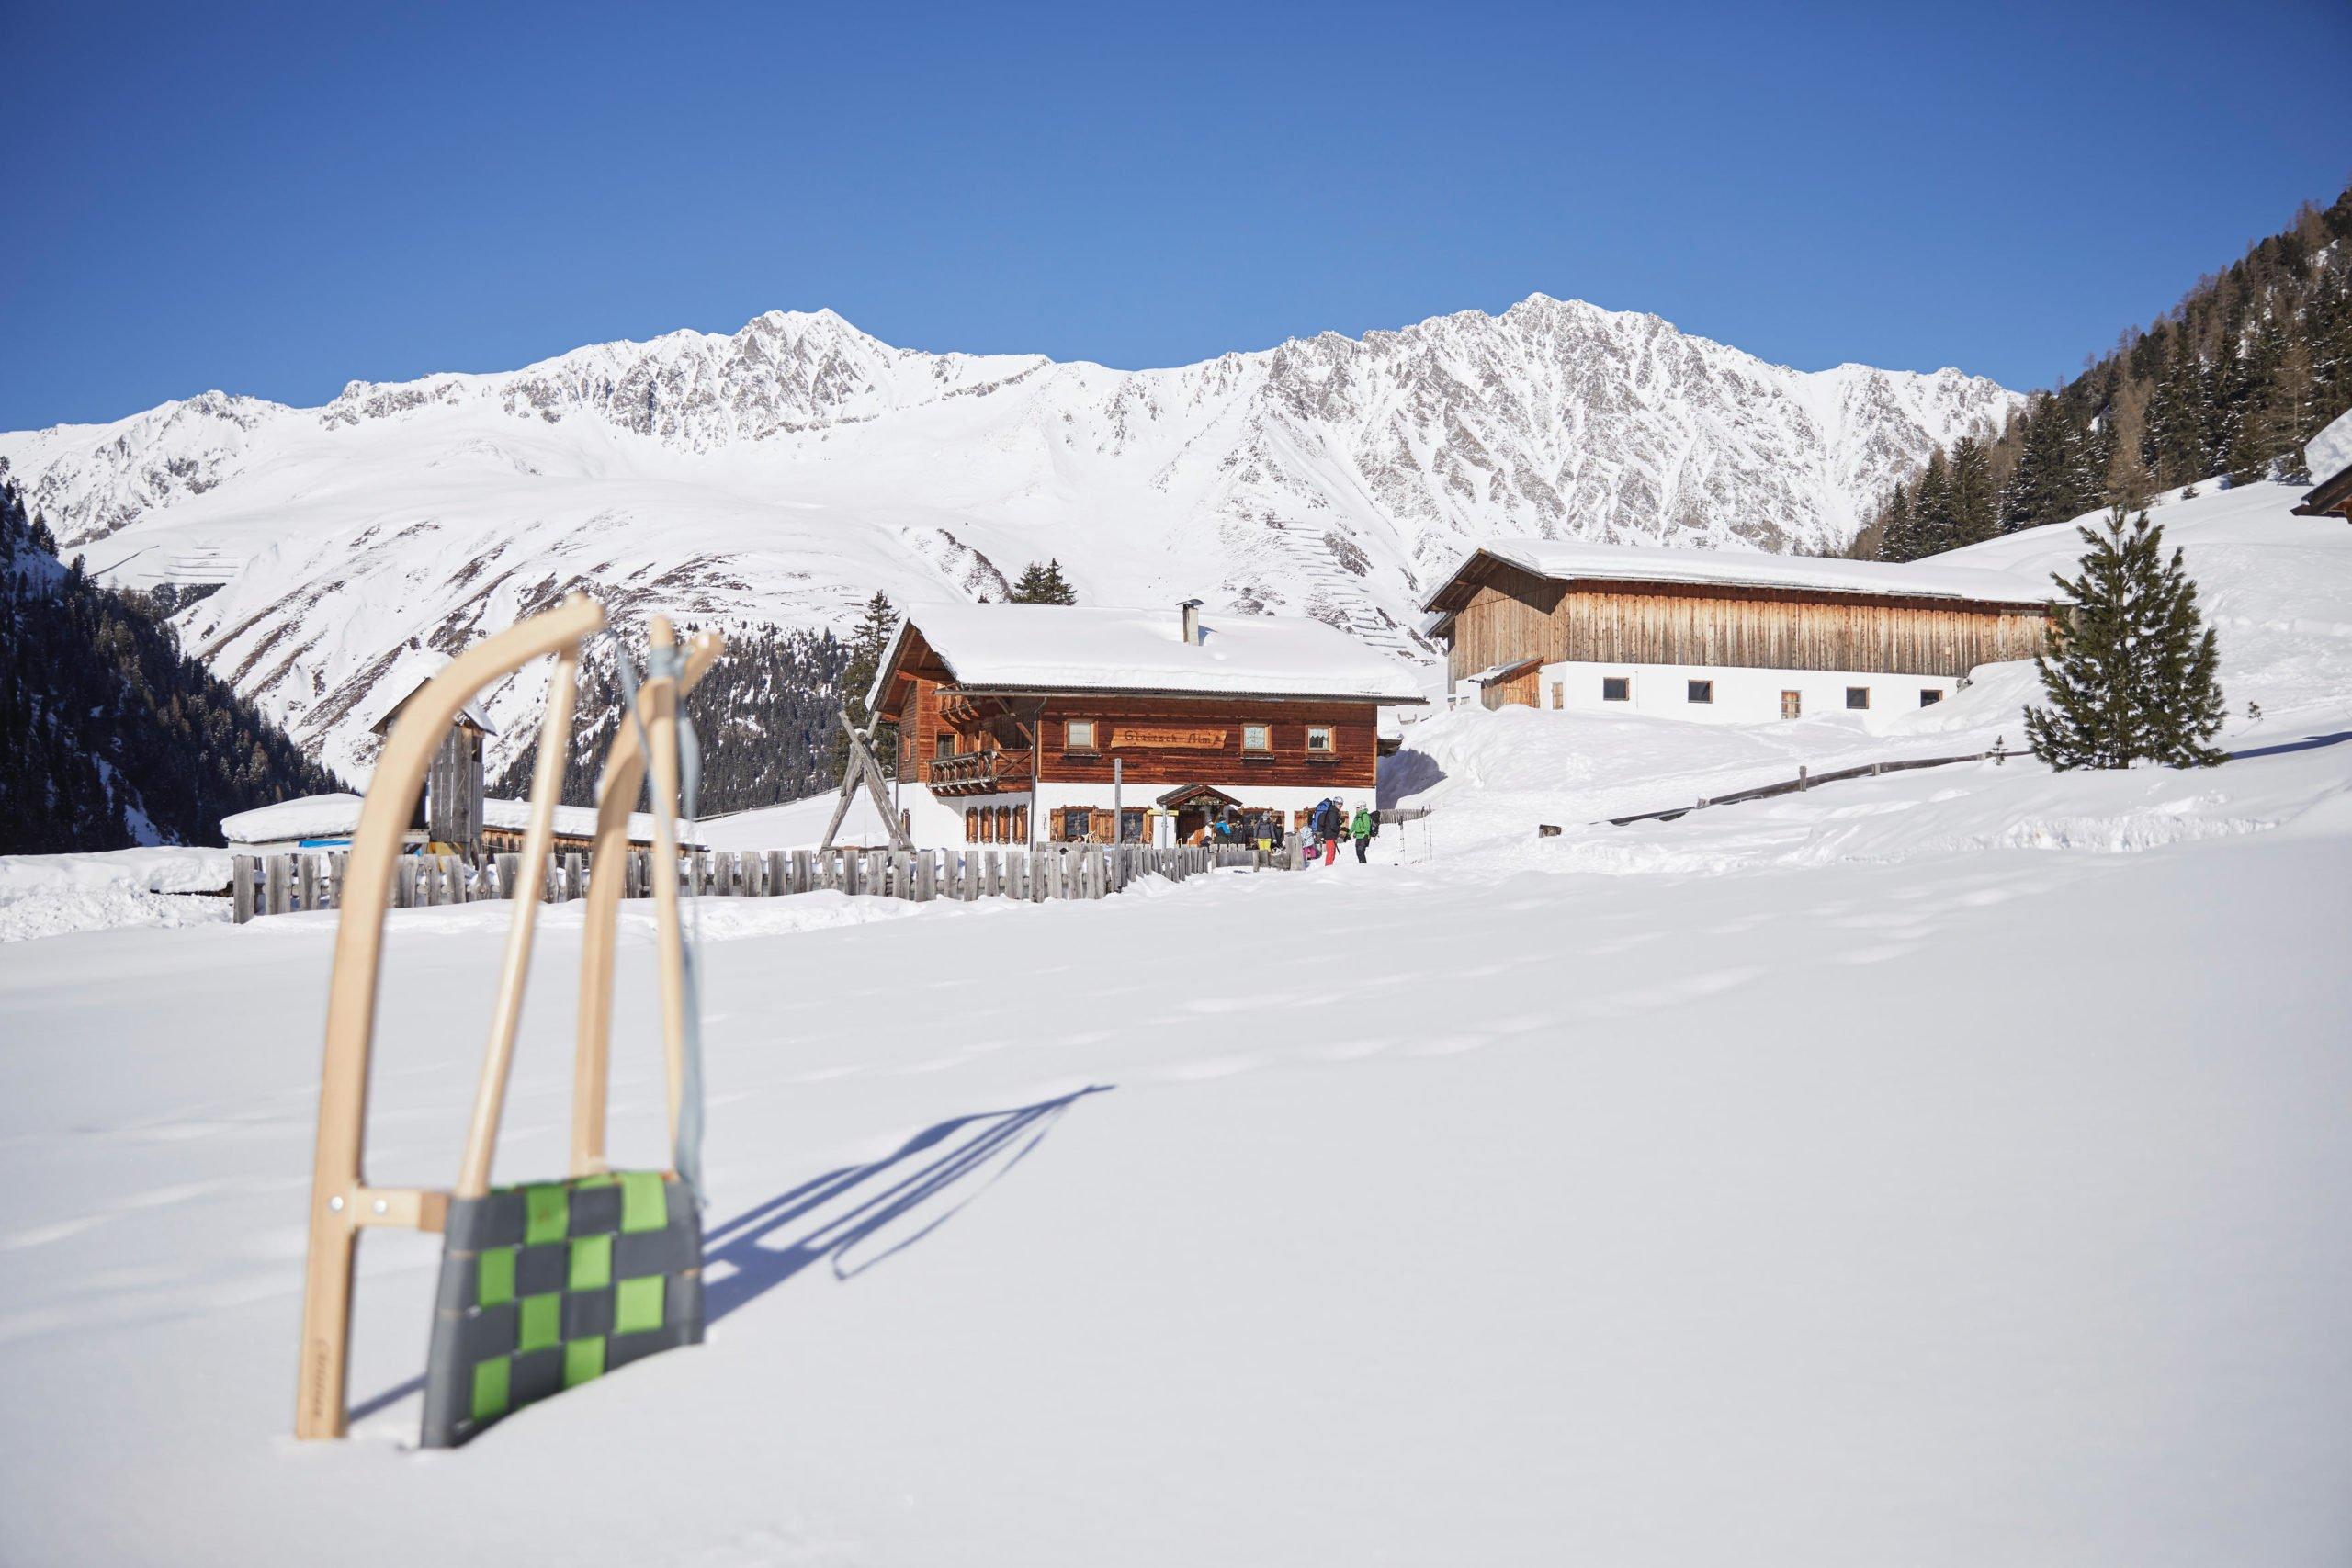 Toboggan Things To Do in Innsbruck